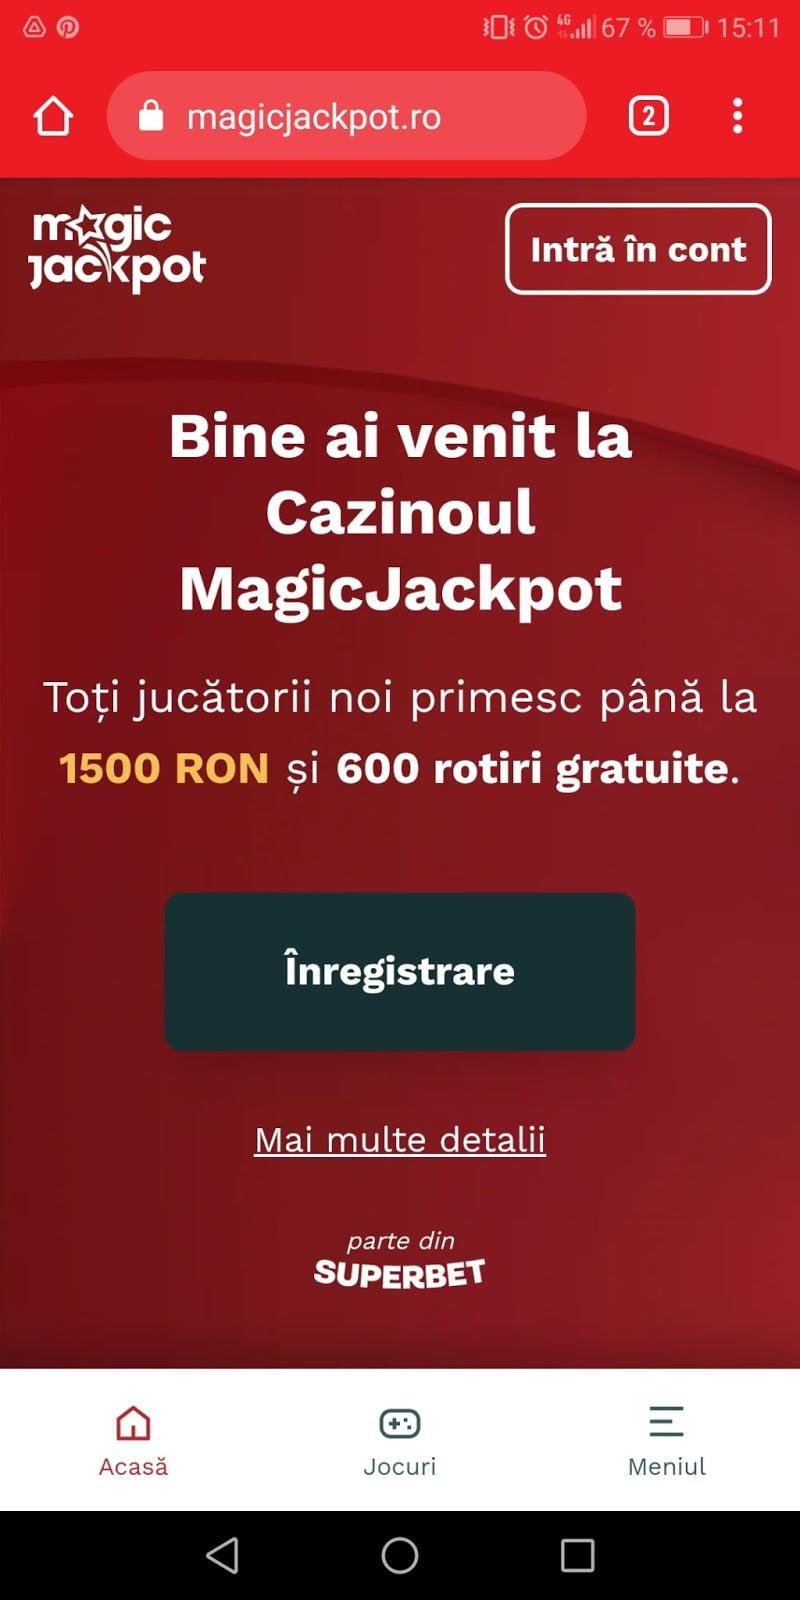 magicjackpot casino pe telefonul mobil